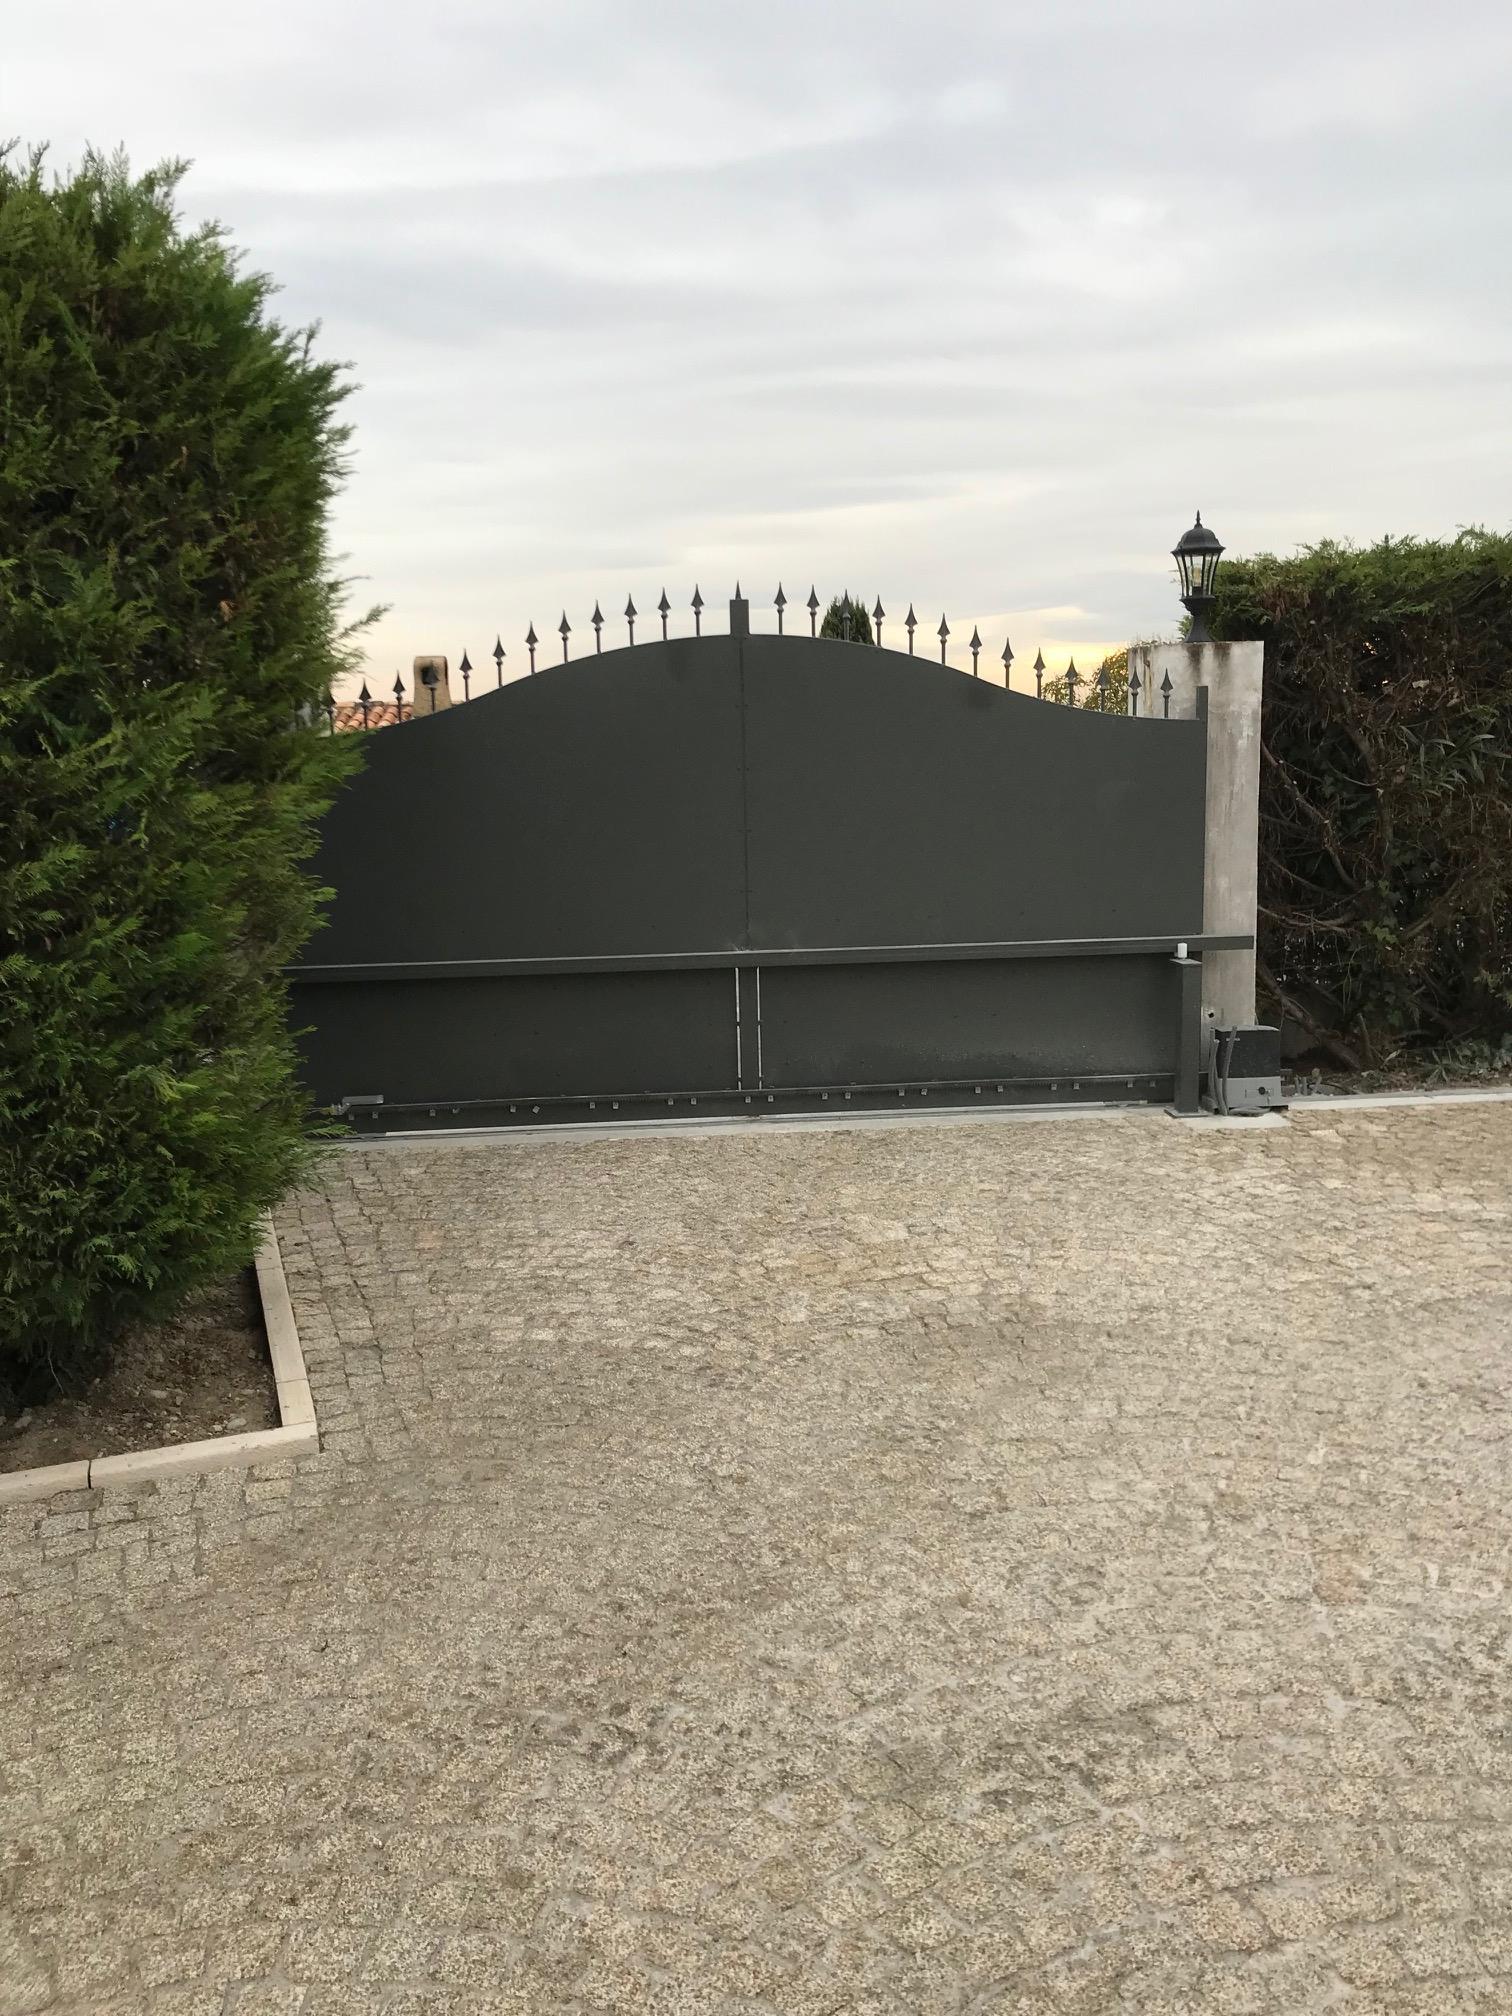 A la demande de notre client nous avons fabrique un portail coulissant de 4 metres de notre gamme standard modele Provence plein avec kit de motorisation 800 kgs et peinture thermolaquee ral 7010 - localisation Alpes Maritimes